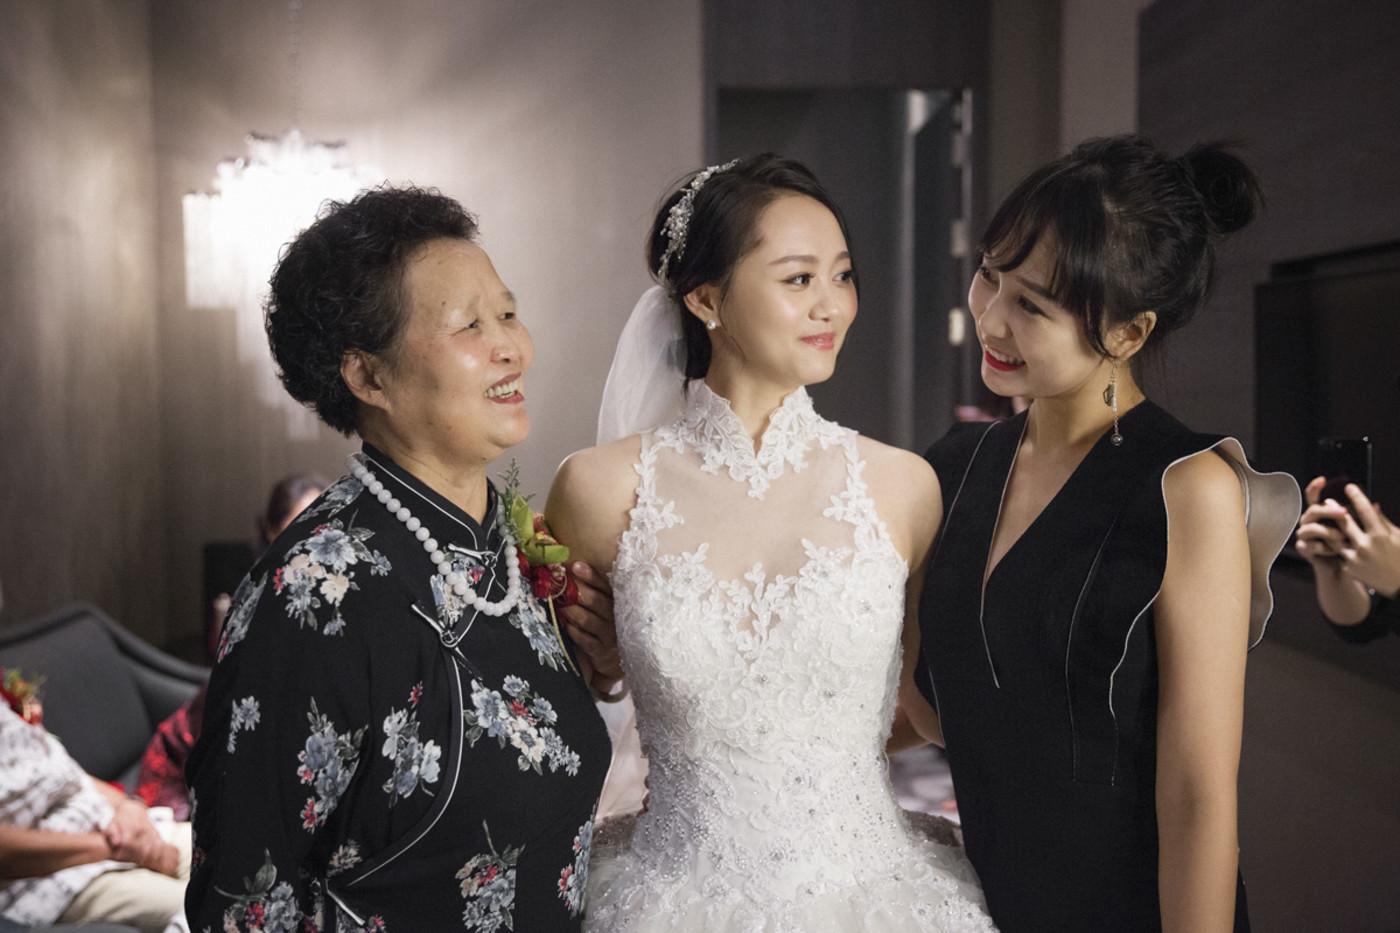 「KAI 婚礼纪实」一场来自宝岛台湾的婚礼27